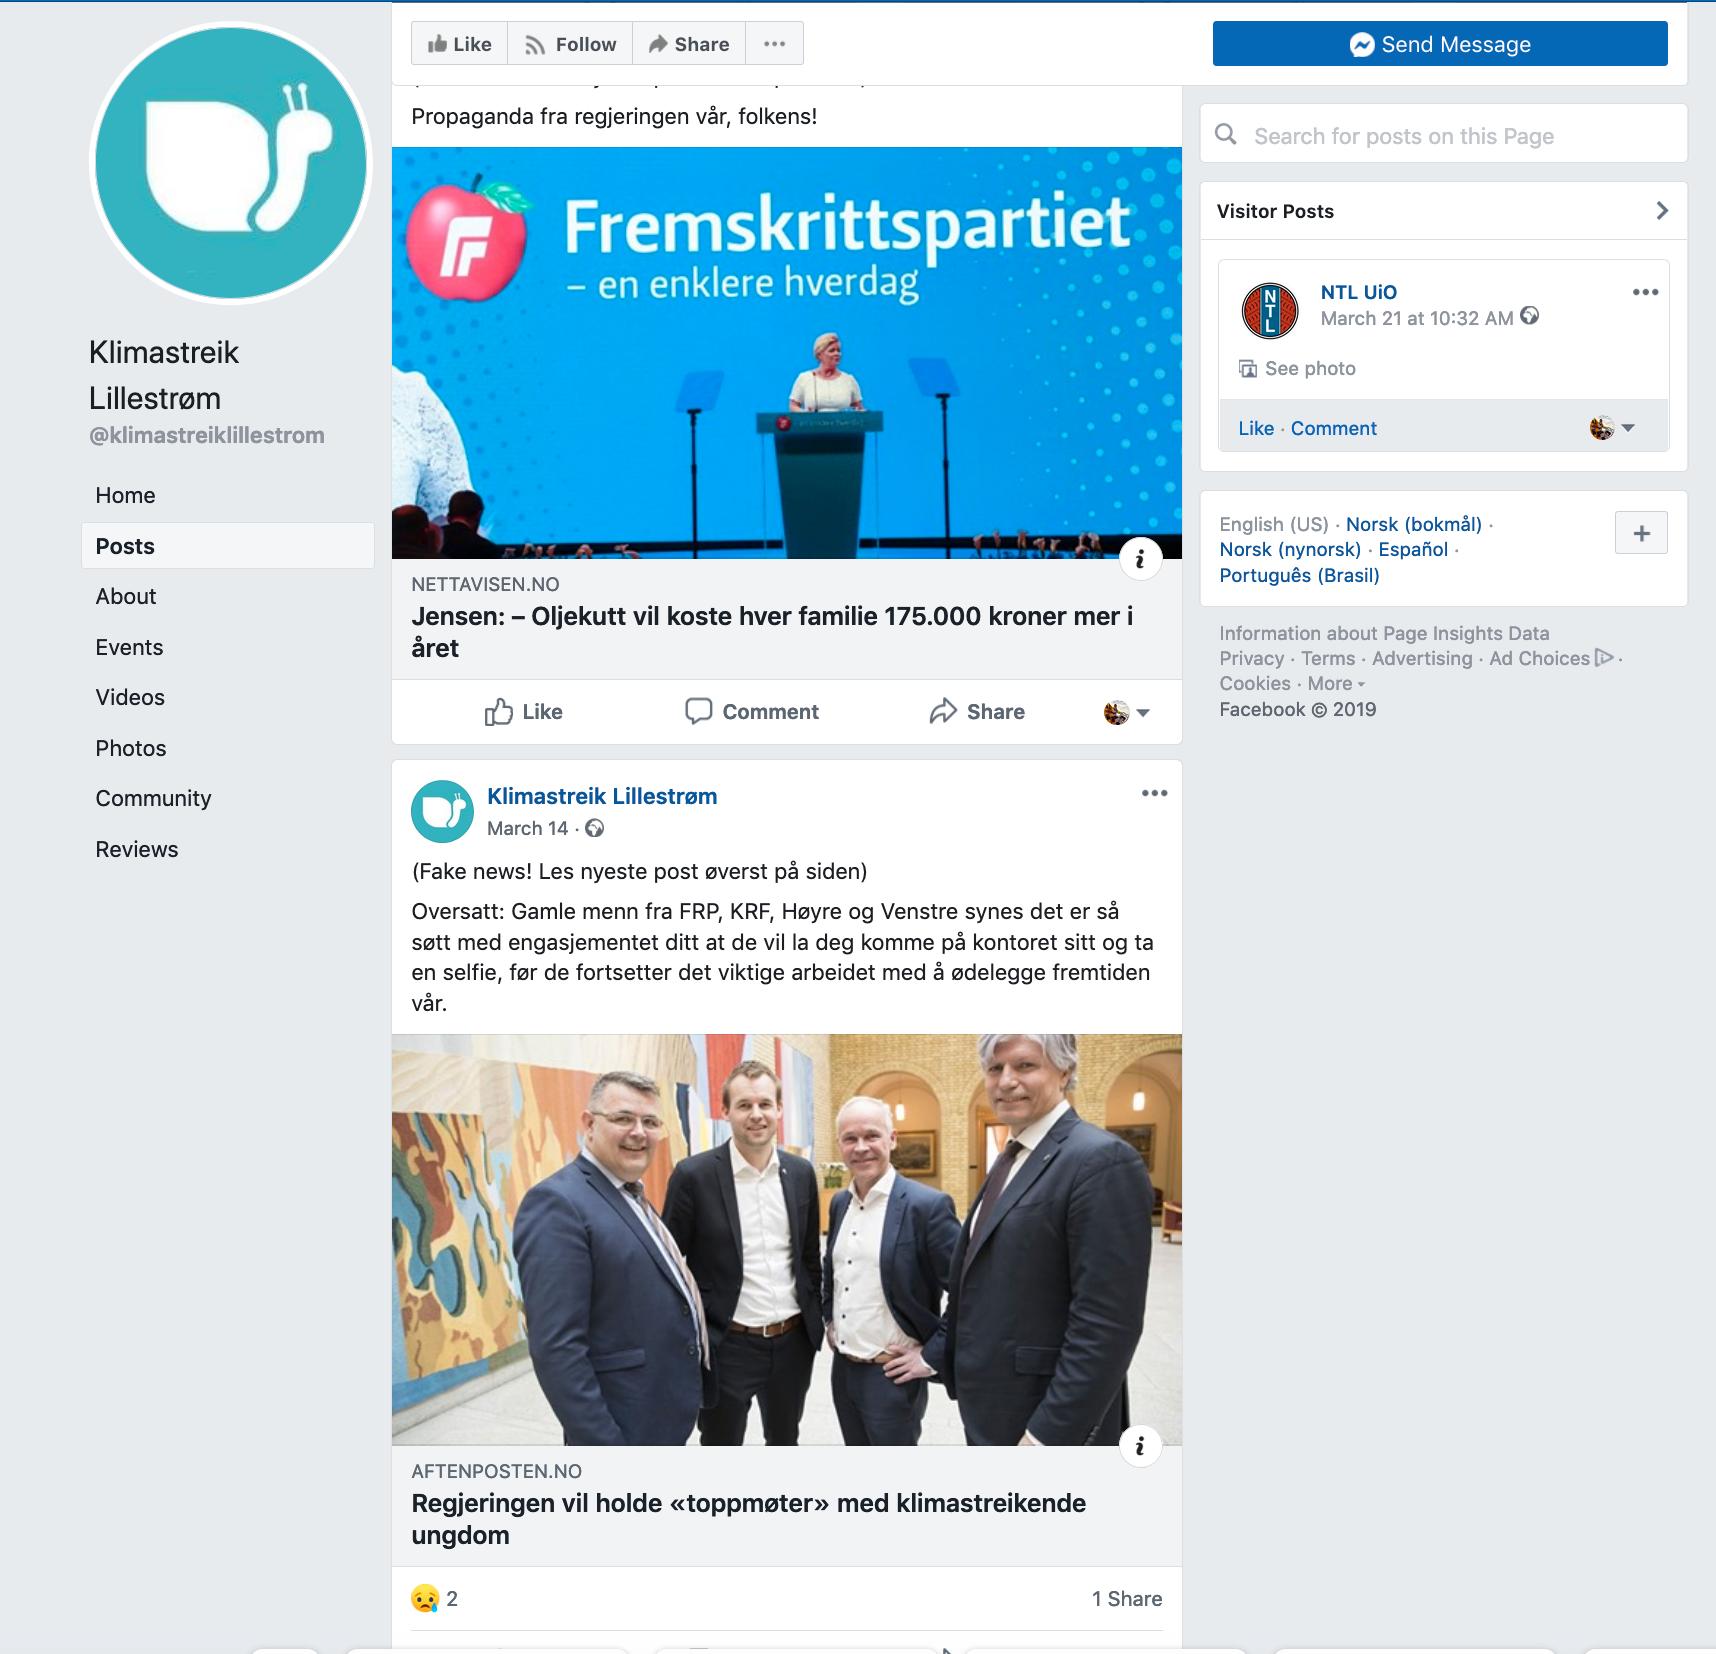 FALSK SIDE: Denne Facebook-siden er bare en av flere kanaler Folkeopplysningen prøvde å manipulere elevene gjennom.